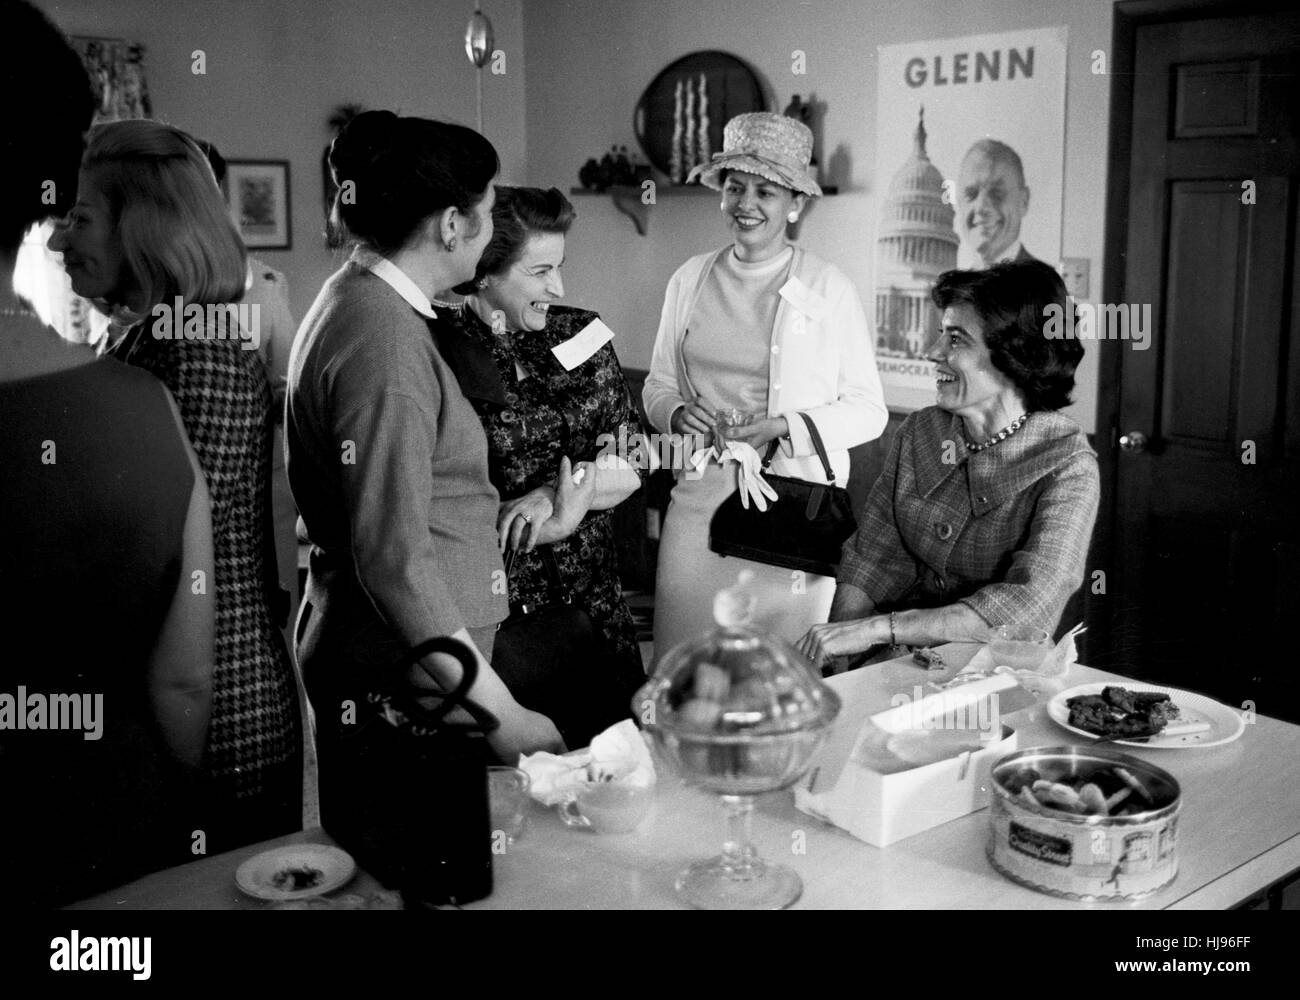 Annie Glenn, Recht, Werbetätigkeit für John Glenn in 1964 Stockfoto